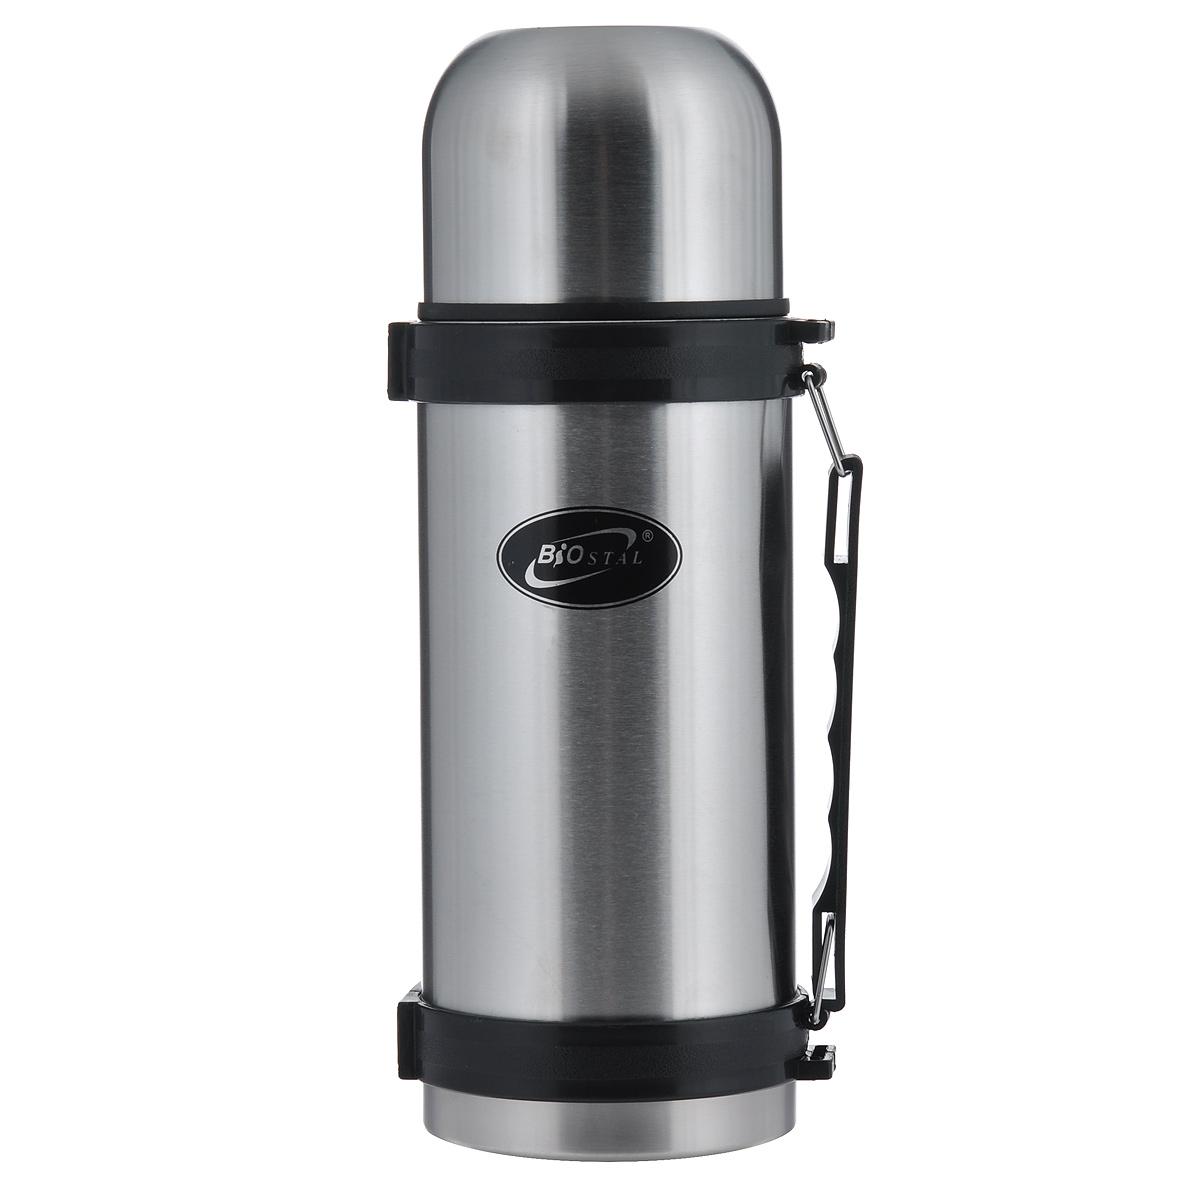 Термос BIOSTAL, 1 л. NY-1000-2KOC-H19-LEDТермос с узким горлом BIOSTAL, изготовленный из высококачественной нержавеющей стали, относится к классической серии. Термосы этой серии, являющейся лидером продаж, просты в использовании, экономичны и многофункциональны. Термос предназначен для хранения горячих и холодных напитков (чая, кофе) и укомплектован пробкой с кнопкой. Такая пробка удобна в использовании и позволяет, не отвинчивая ее, наливать напитки после простого нажатия. Изделие также оснащено крышкой-чашкой, и удобной пластиковой ручкой. Легкий и прочный термос BIOSTAL сохранит ваши напитки горячими или холодными надолго.